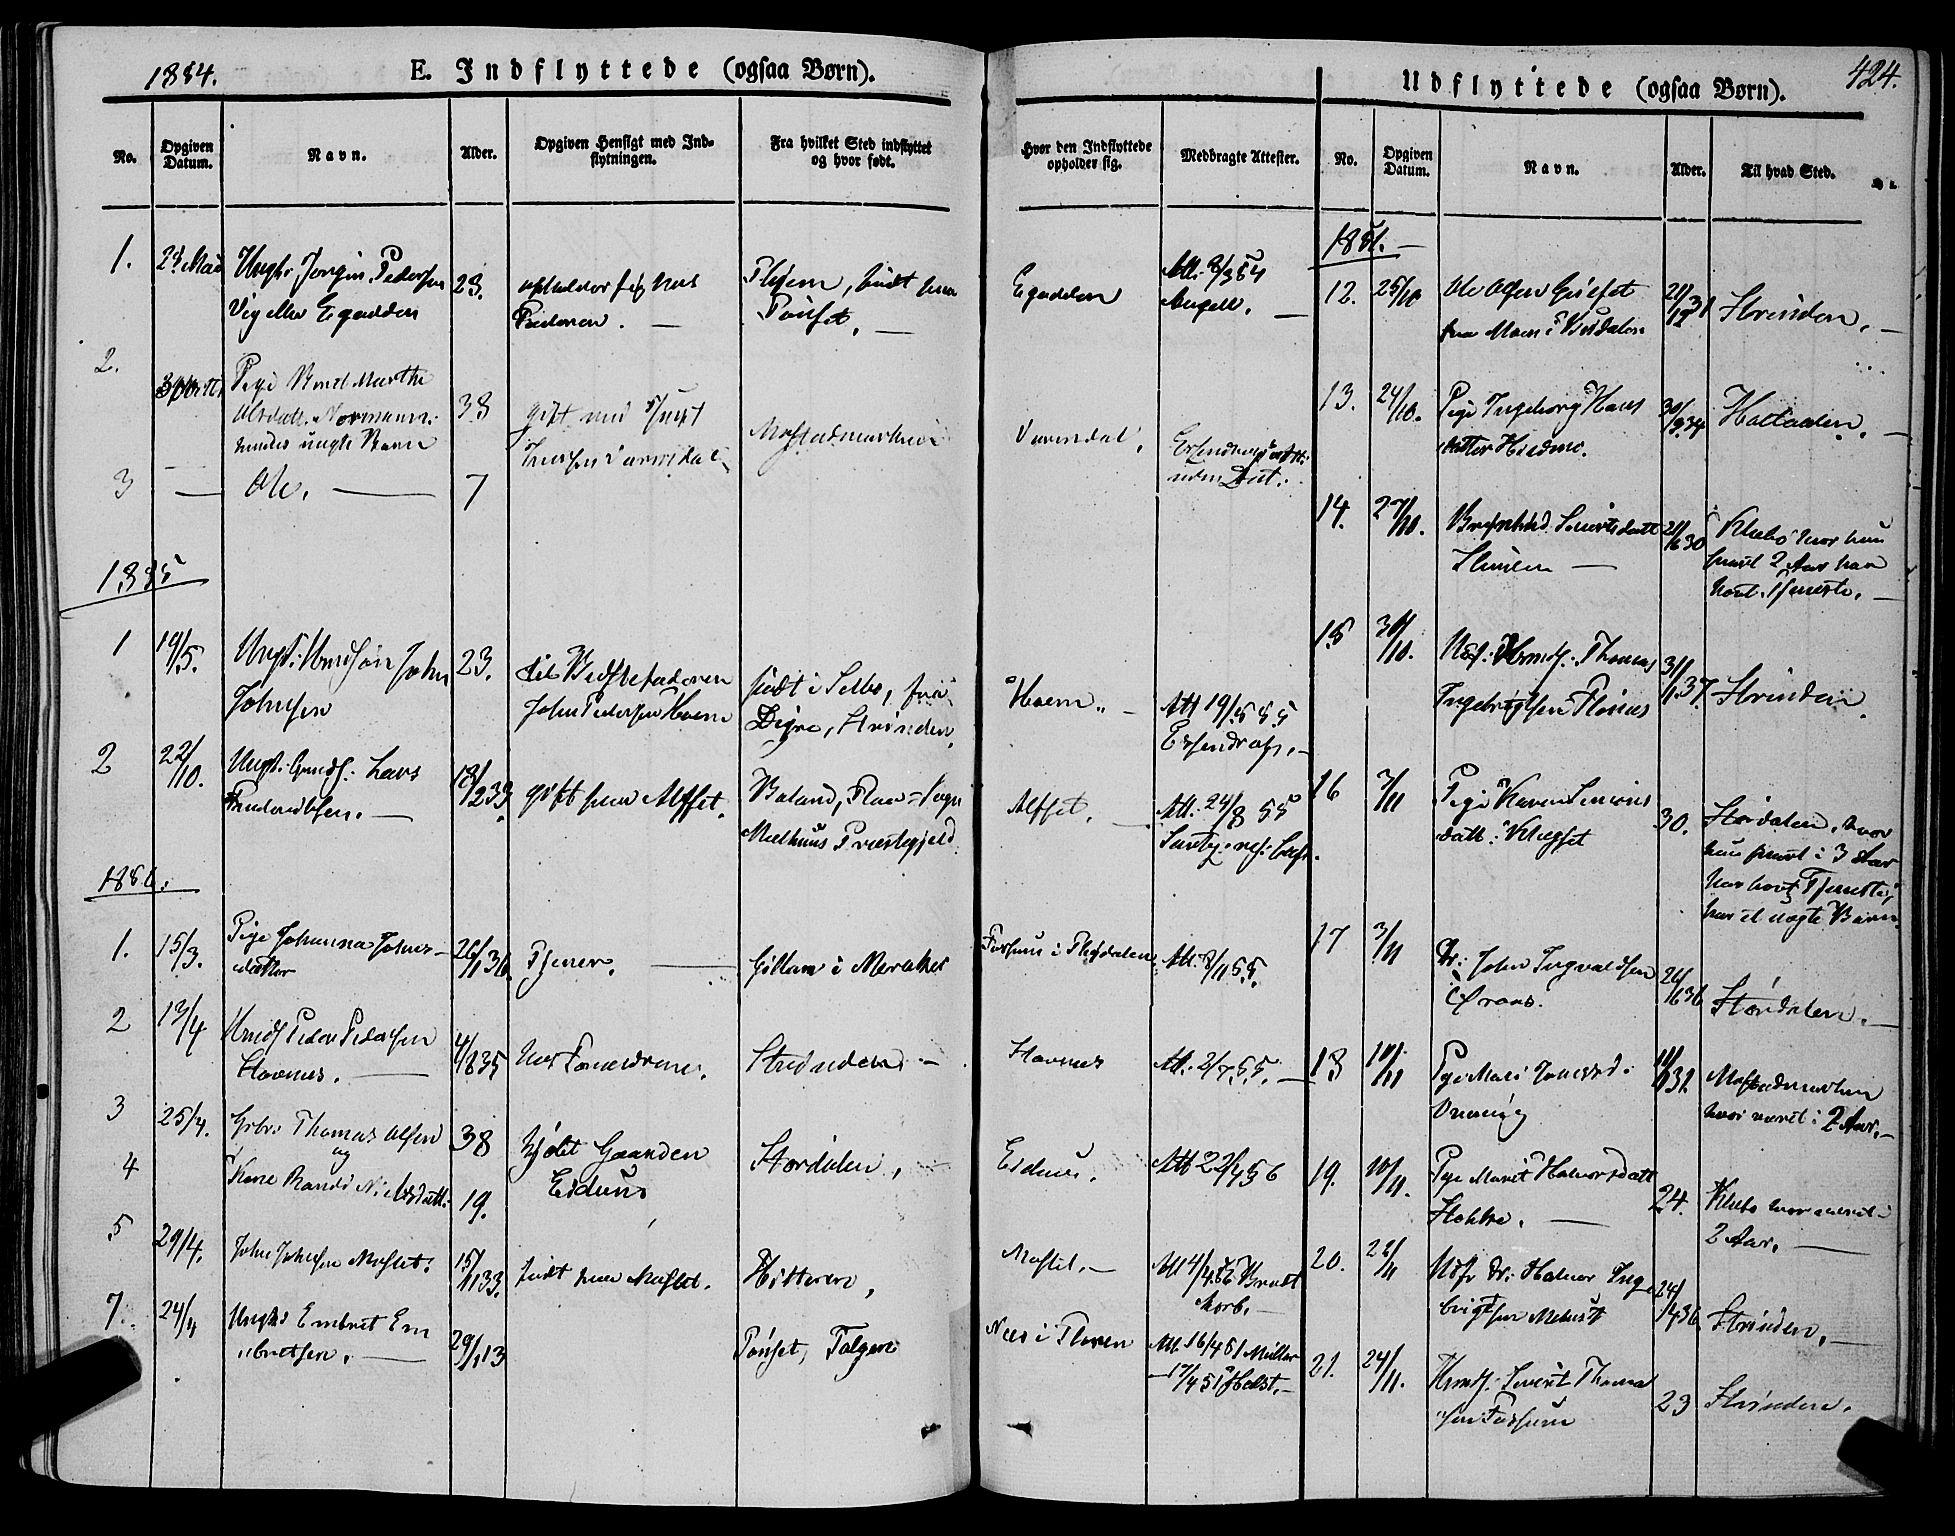 SAT, Ministerialprotokoller, klokkerbøker og fødselsregistre - Sør-Trøndelag, 695/L1145: Ministerialbok nr. 695A06 /1, 1843-1859, s. 424